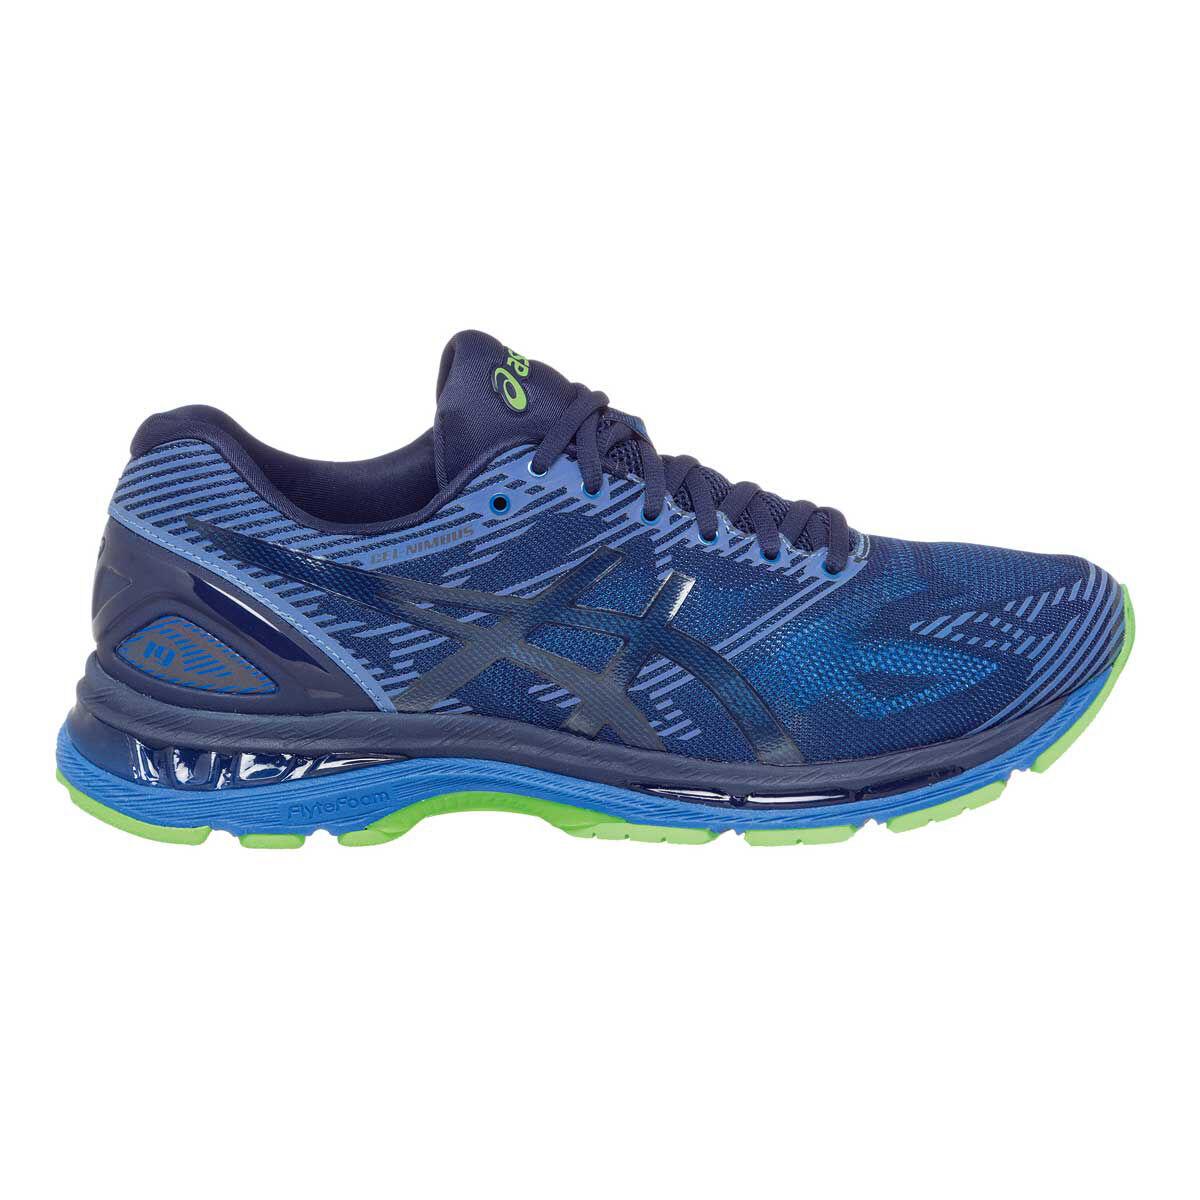 Asics Gel Gel Nimbus 19 Lite Afficher Chaussures/ Asics de Course Hommes Bleu/ Vert US ff544ef - radicalfrugality.info